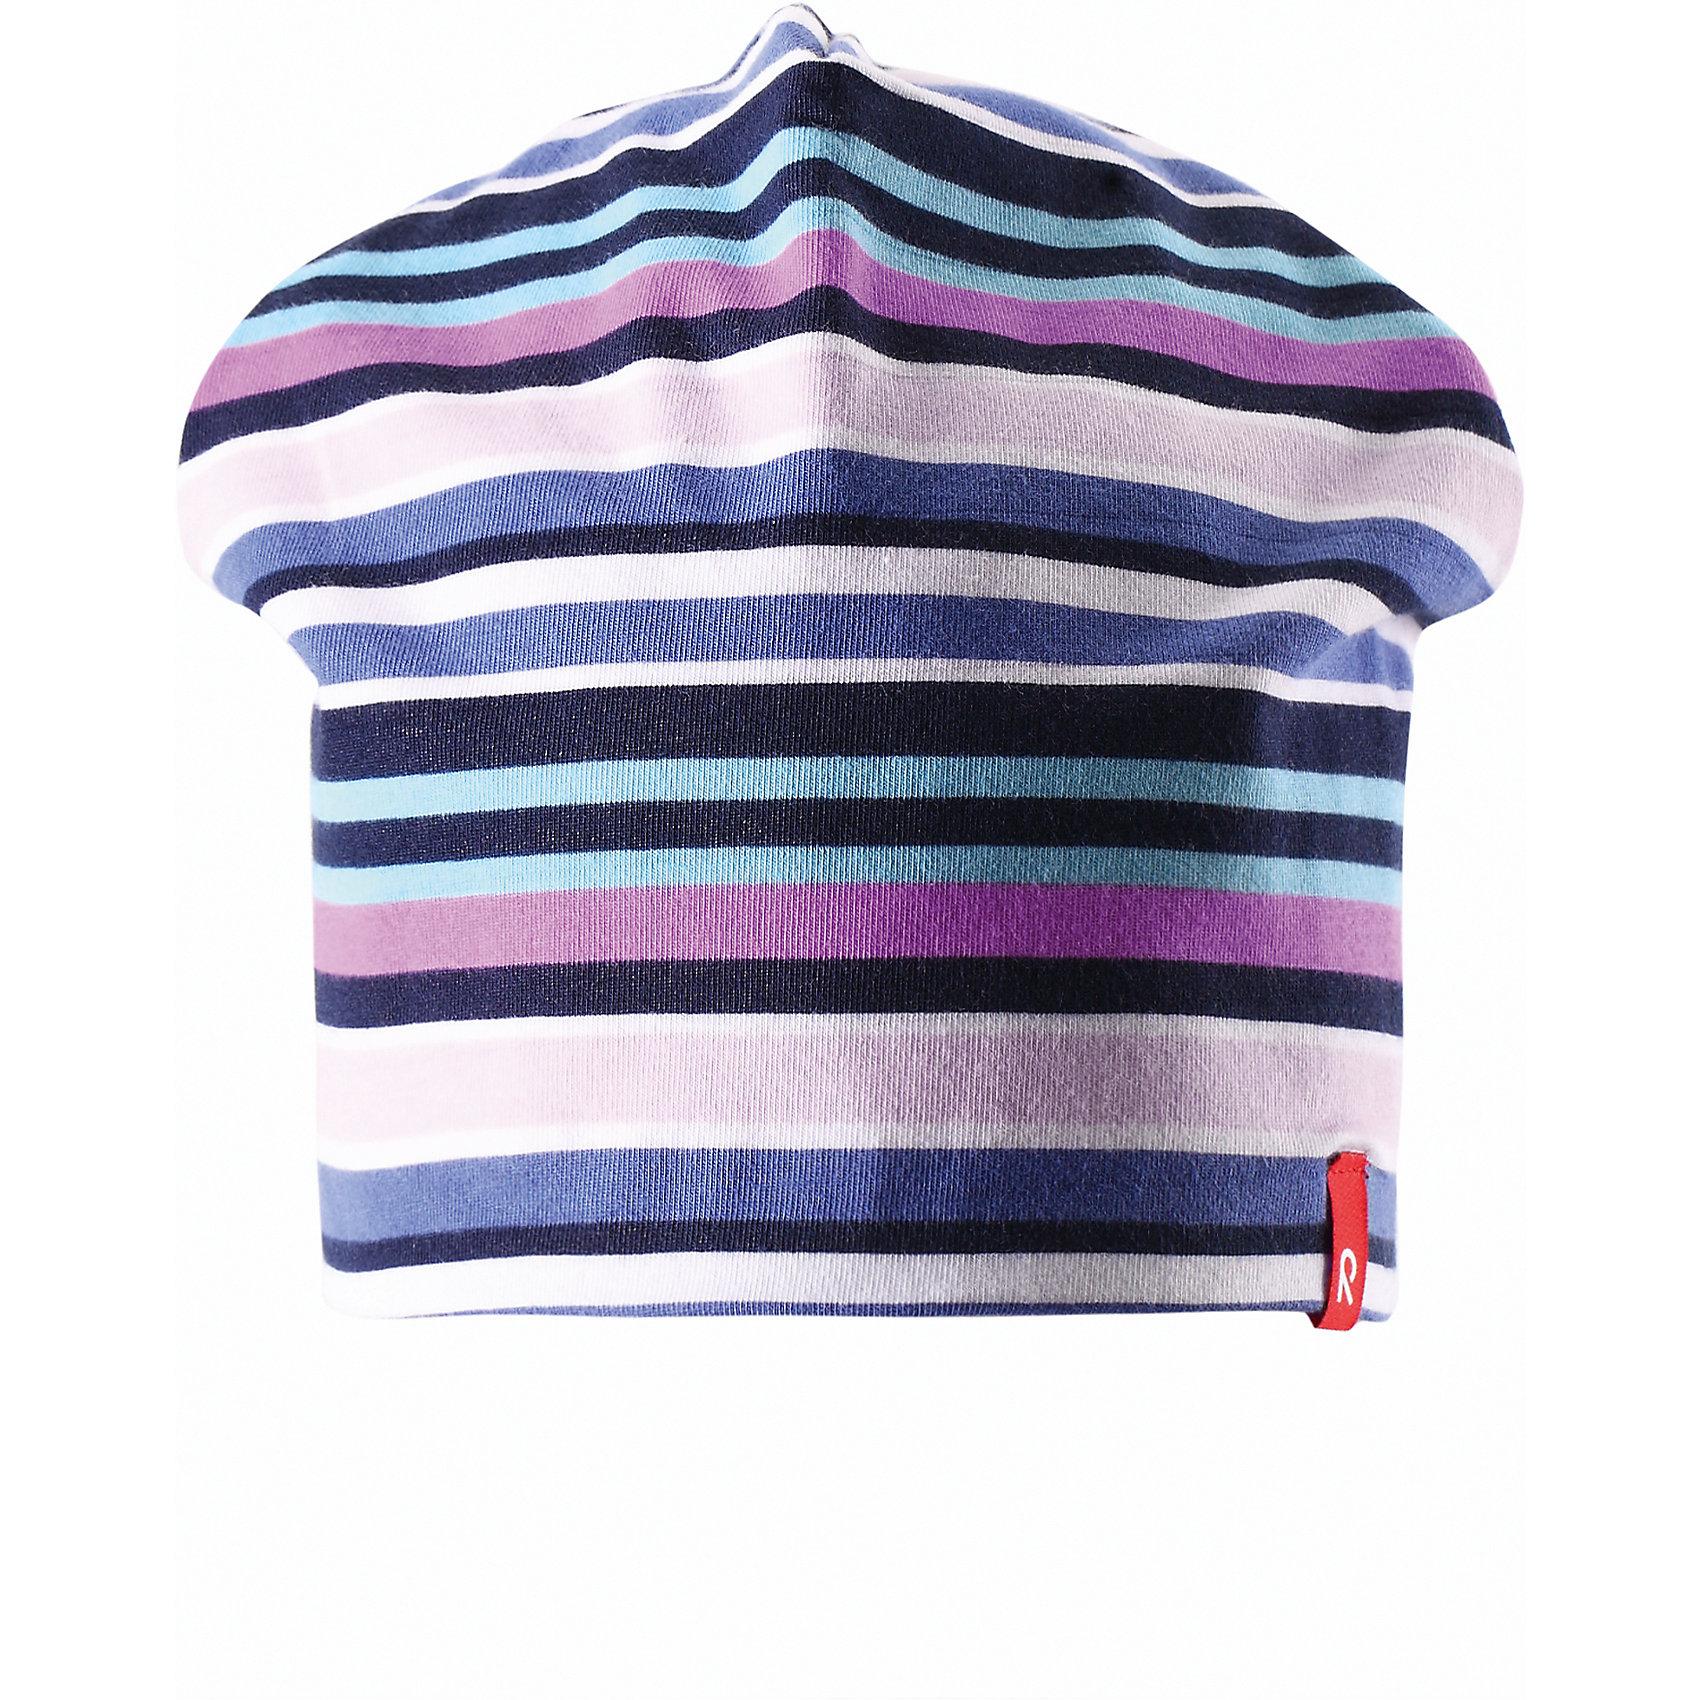 Шапка для девочки ReimaШапки и шарфы<br>Эта яркая шапочка свежей расцветки для малышей и детей постарше идеально подойдет для веселых весенних приключений! Она изготовлена из простого в уходе и быстросохнущего материла Play Jersey®, эффективно выводящего влагу с кожи во время подвижных игр на свежем воздухе. Обратите внимание, что она имеет УФ-защиту 40+. Стиля много не бывает! Озорная двухсторонняя шапочка в одно мгновение превращается из полосатой в однотонную! <br><br>Дополнительная информация:<br><br>Двухсторонняя шапка «Бини» для детей и малышей<br>Быстросохнущий материал Play Jersey, приятный на ощупь<br>Фактор защиты от ультрафиолета 40+<br>Двухсторонняя модель<br>Сплошная подкладка: отводящий влагу материал Play Jersey<br>Логотип Reima® спереди<br>Узор из цветных полос<br>Состав:<br>65% ХЛ 30% ПЭ 5% ЭЛ<br>Уход:<br>Стирать с бельем одинакового цвета, вывернув наизнанку. Полоскать без специального средства. Придать первоначальную форму вo влажном виде.<br><br>Ширина мм: 89<br>Глубина мм: 117<br>Высота мм: 44<br>Вес г: 155<br>Цвет: розовый<br>Возраст от месяцев: 9<br>Возраст до месяцев: 12<br>Пол: Женский<br>Возраст: Детский<br>Размер: 46,54,56,52,50,48<br>SKU: 4498272